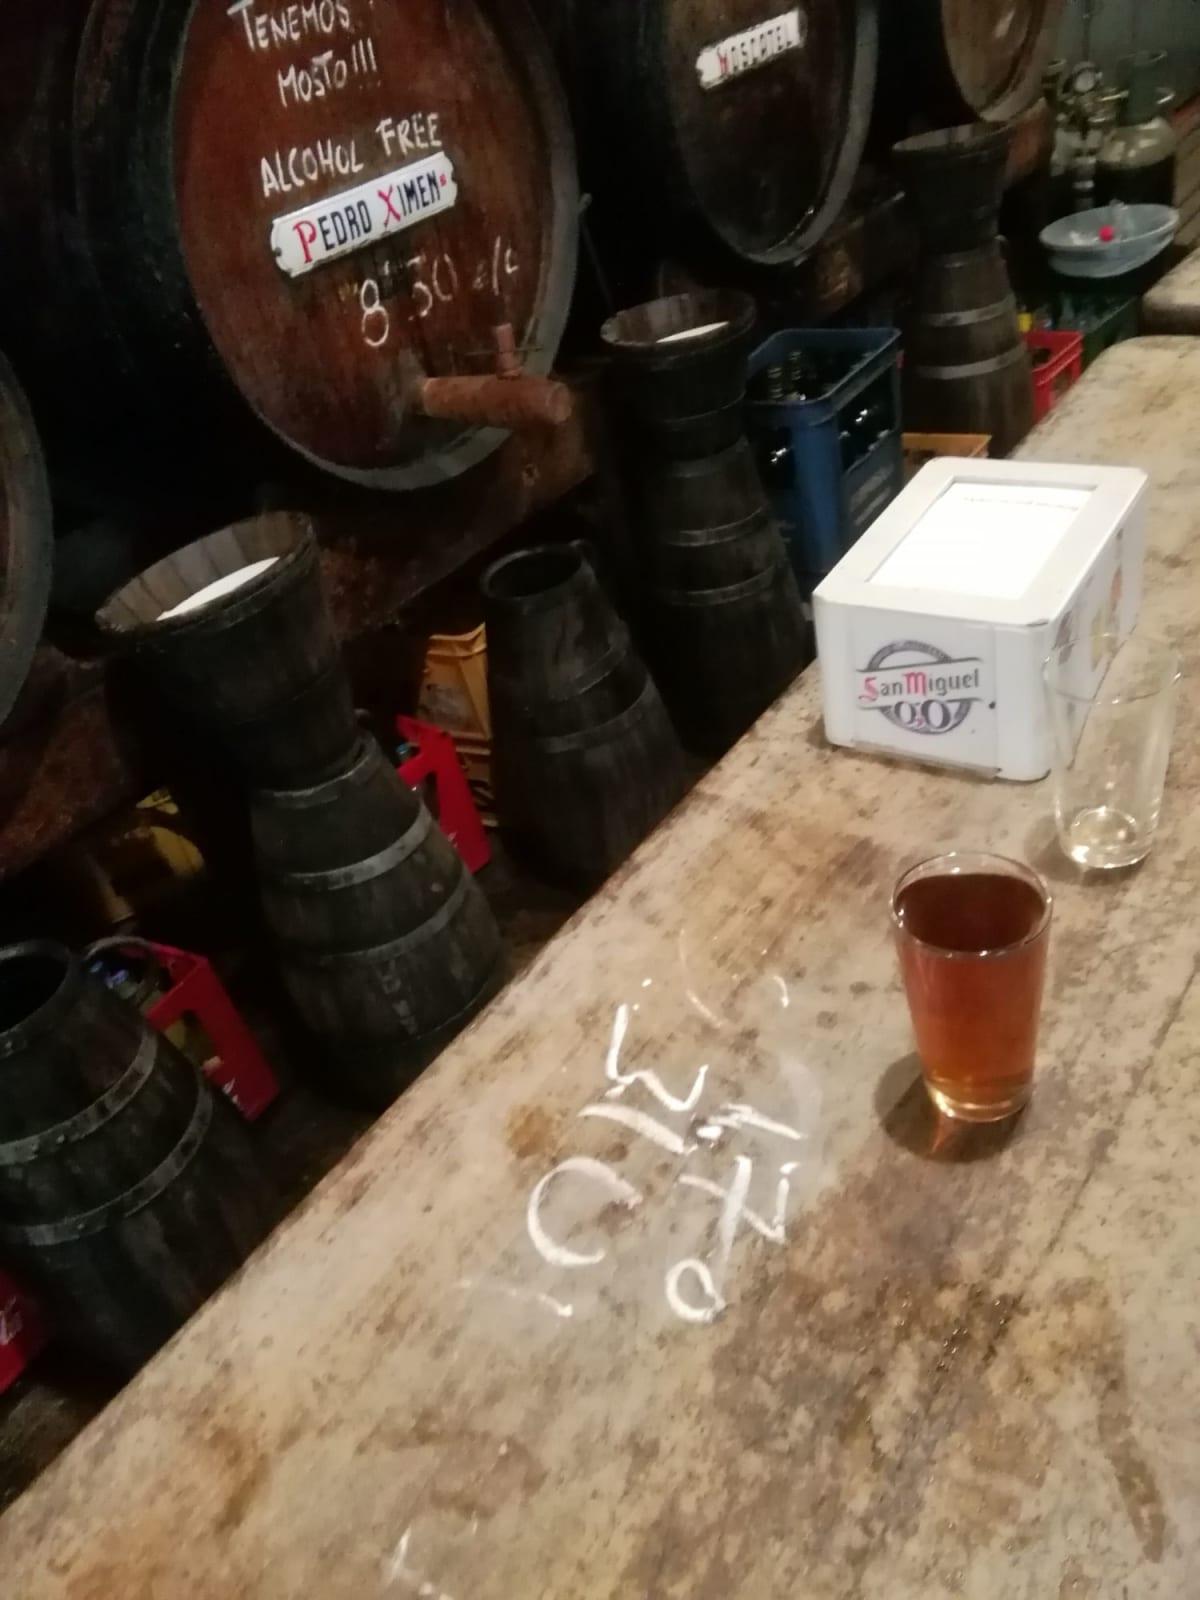 マガラ・マガラ産の甘口ワインを頂くと、カウンターに料金をチョークで記入 | マラガ